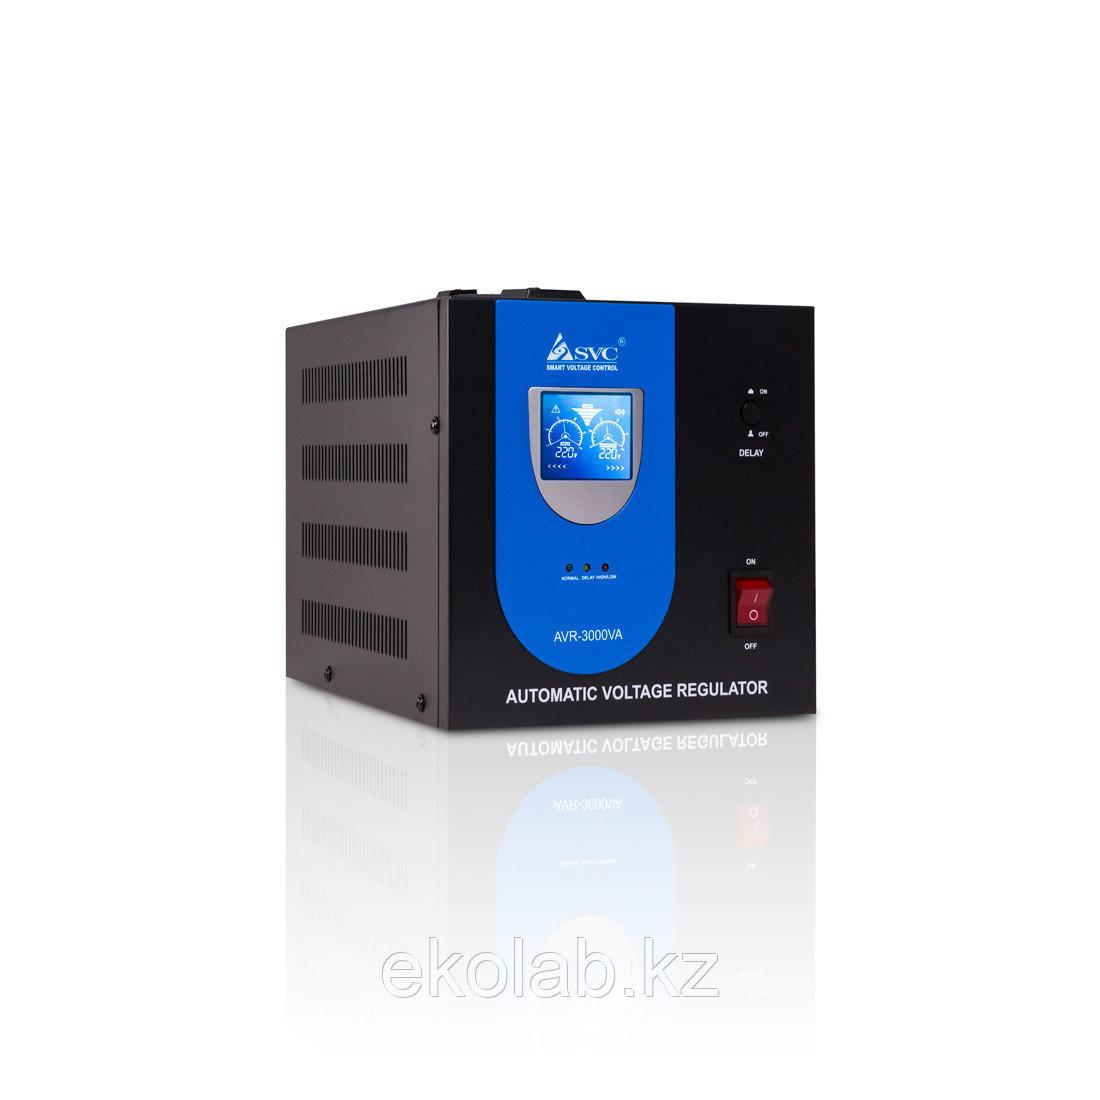 Стабилизатор SVC AVR-5000